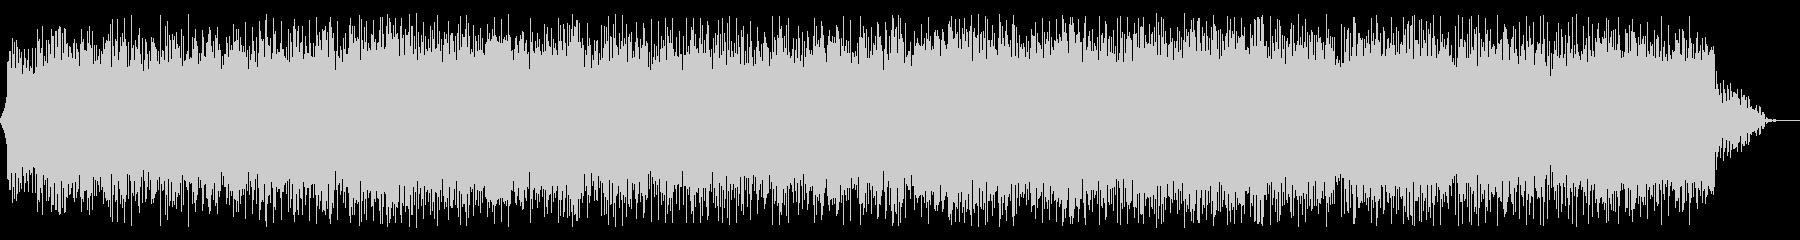 クールなイメージのハウス系楽曲の未再生の波形